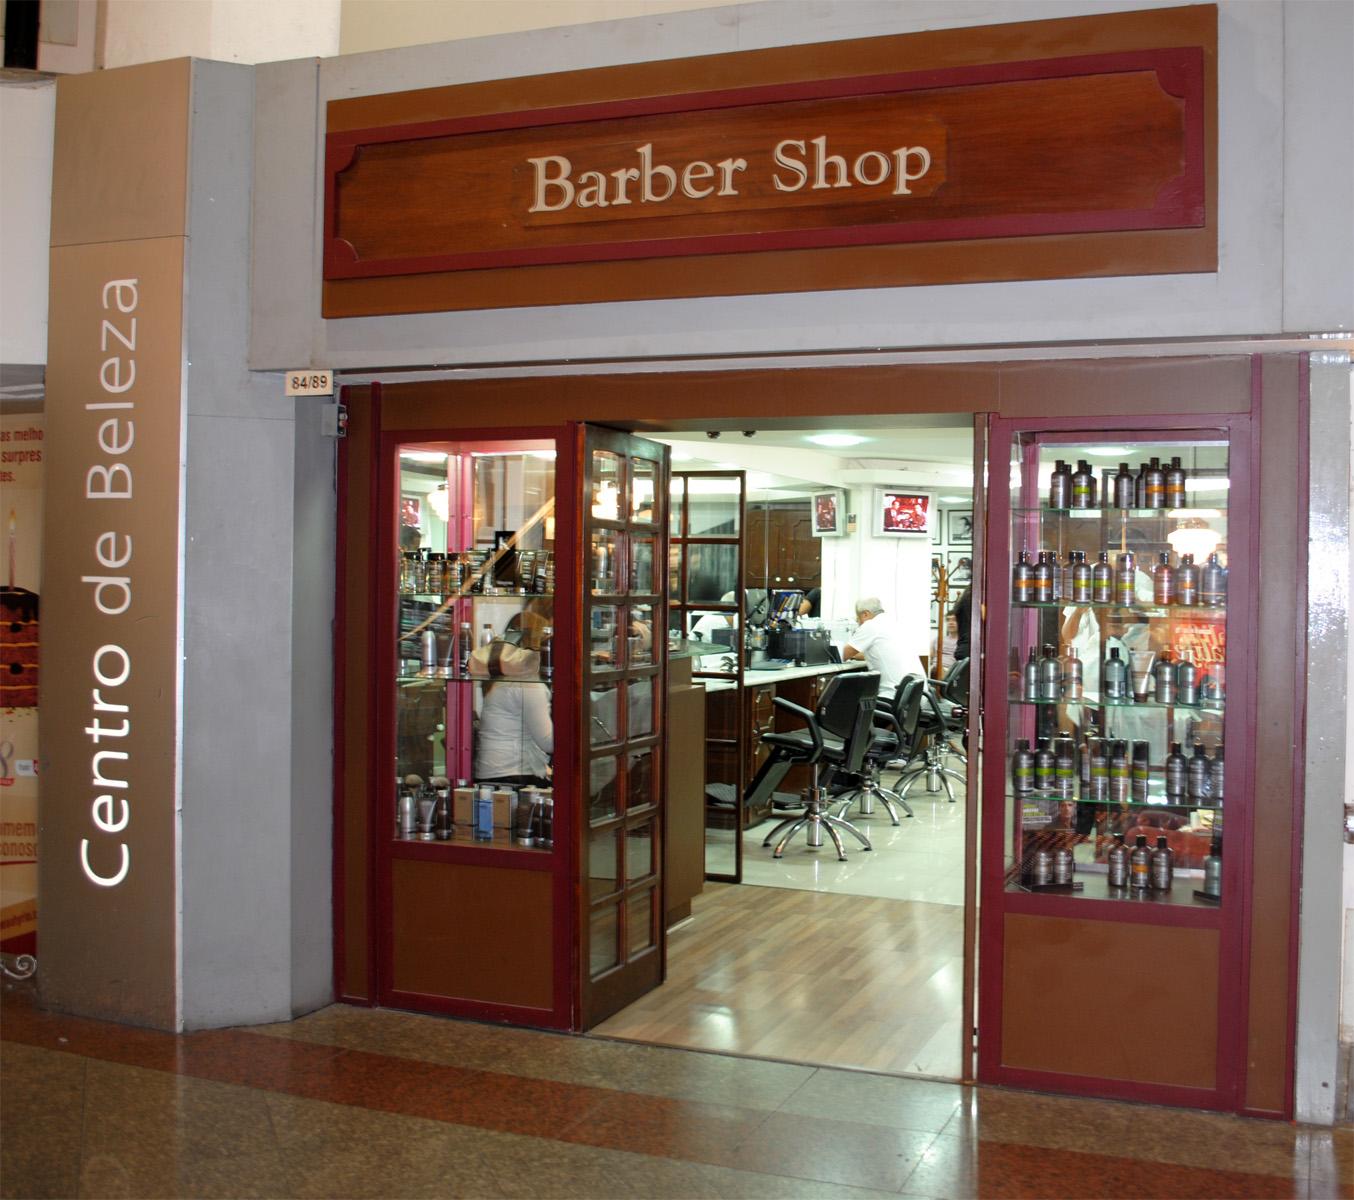 Barber Shop La Quinta : Blog da MercadoCom: Barbearia com estilo londrino